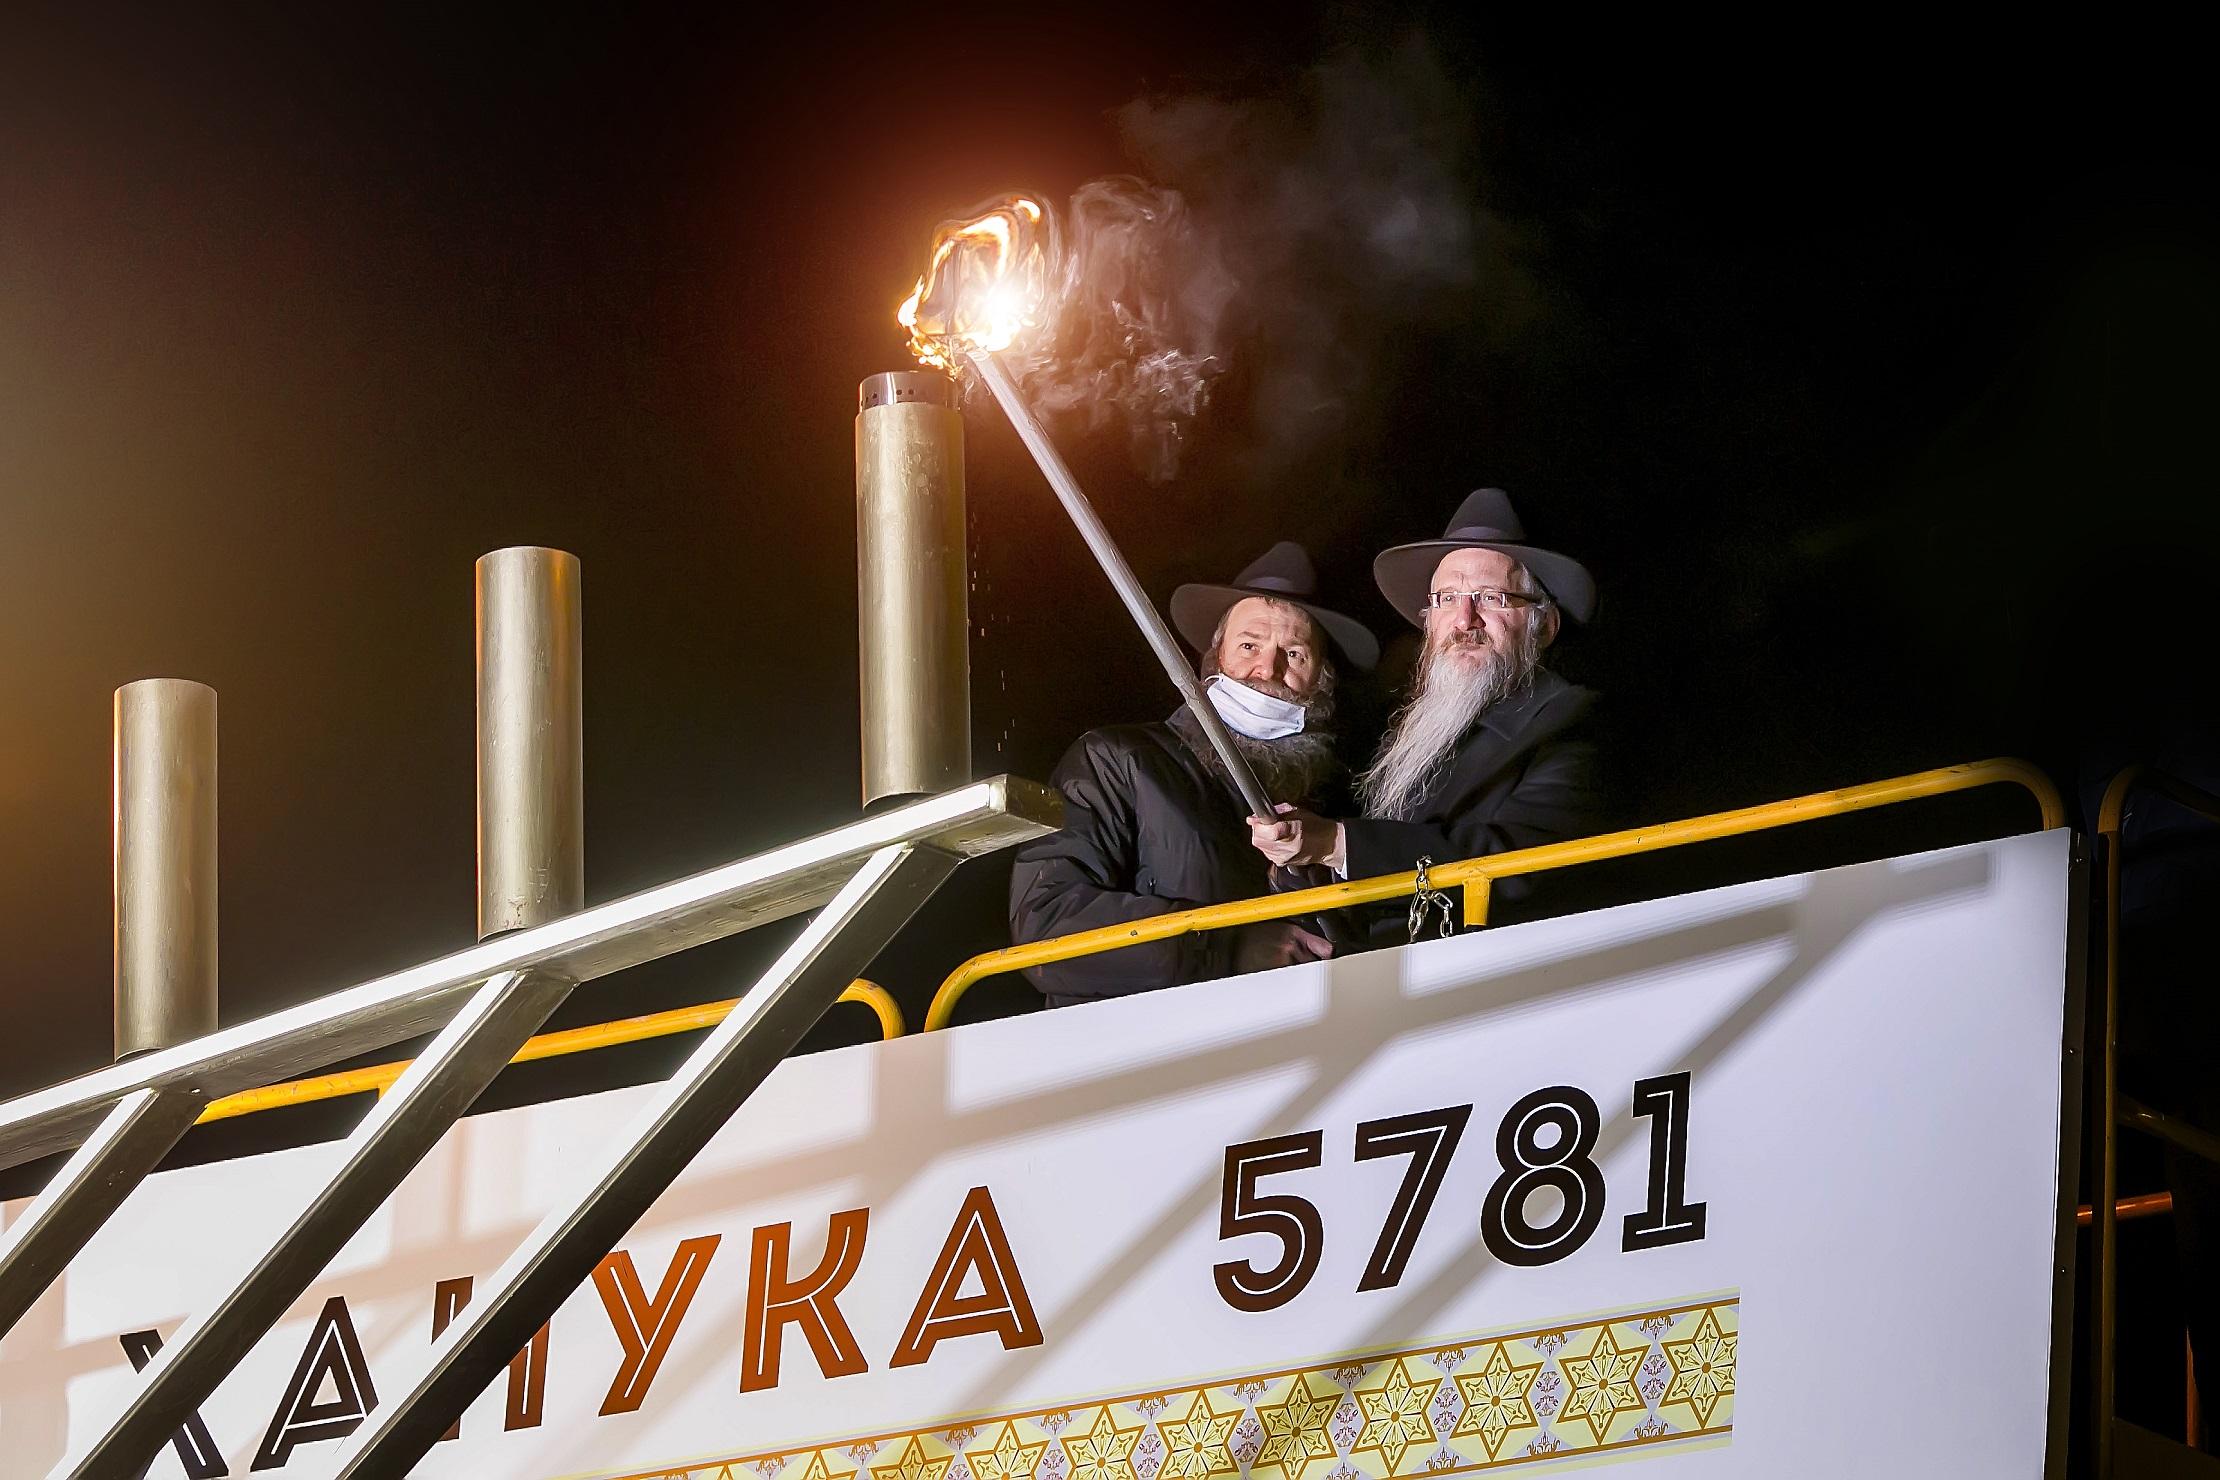 Раввин Берл Лазар зажигает огни Хануки - 5781 (2020) в Москве | Фото